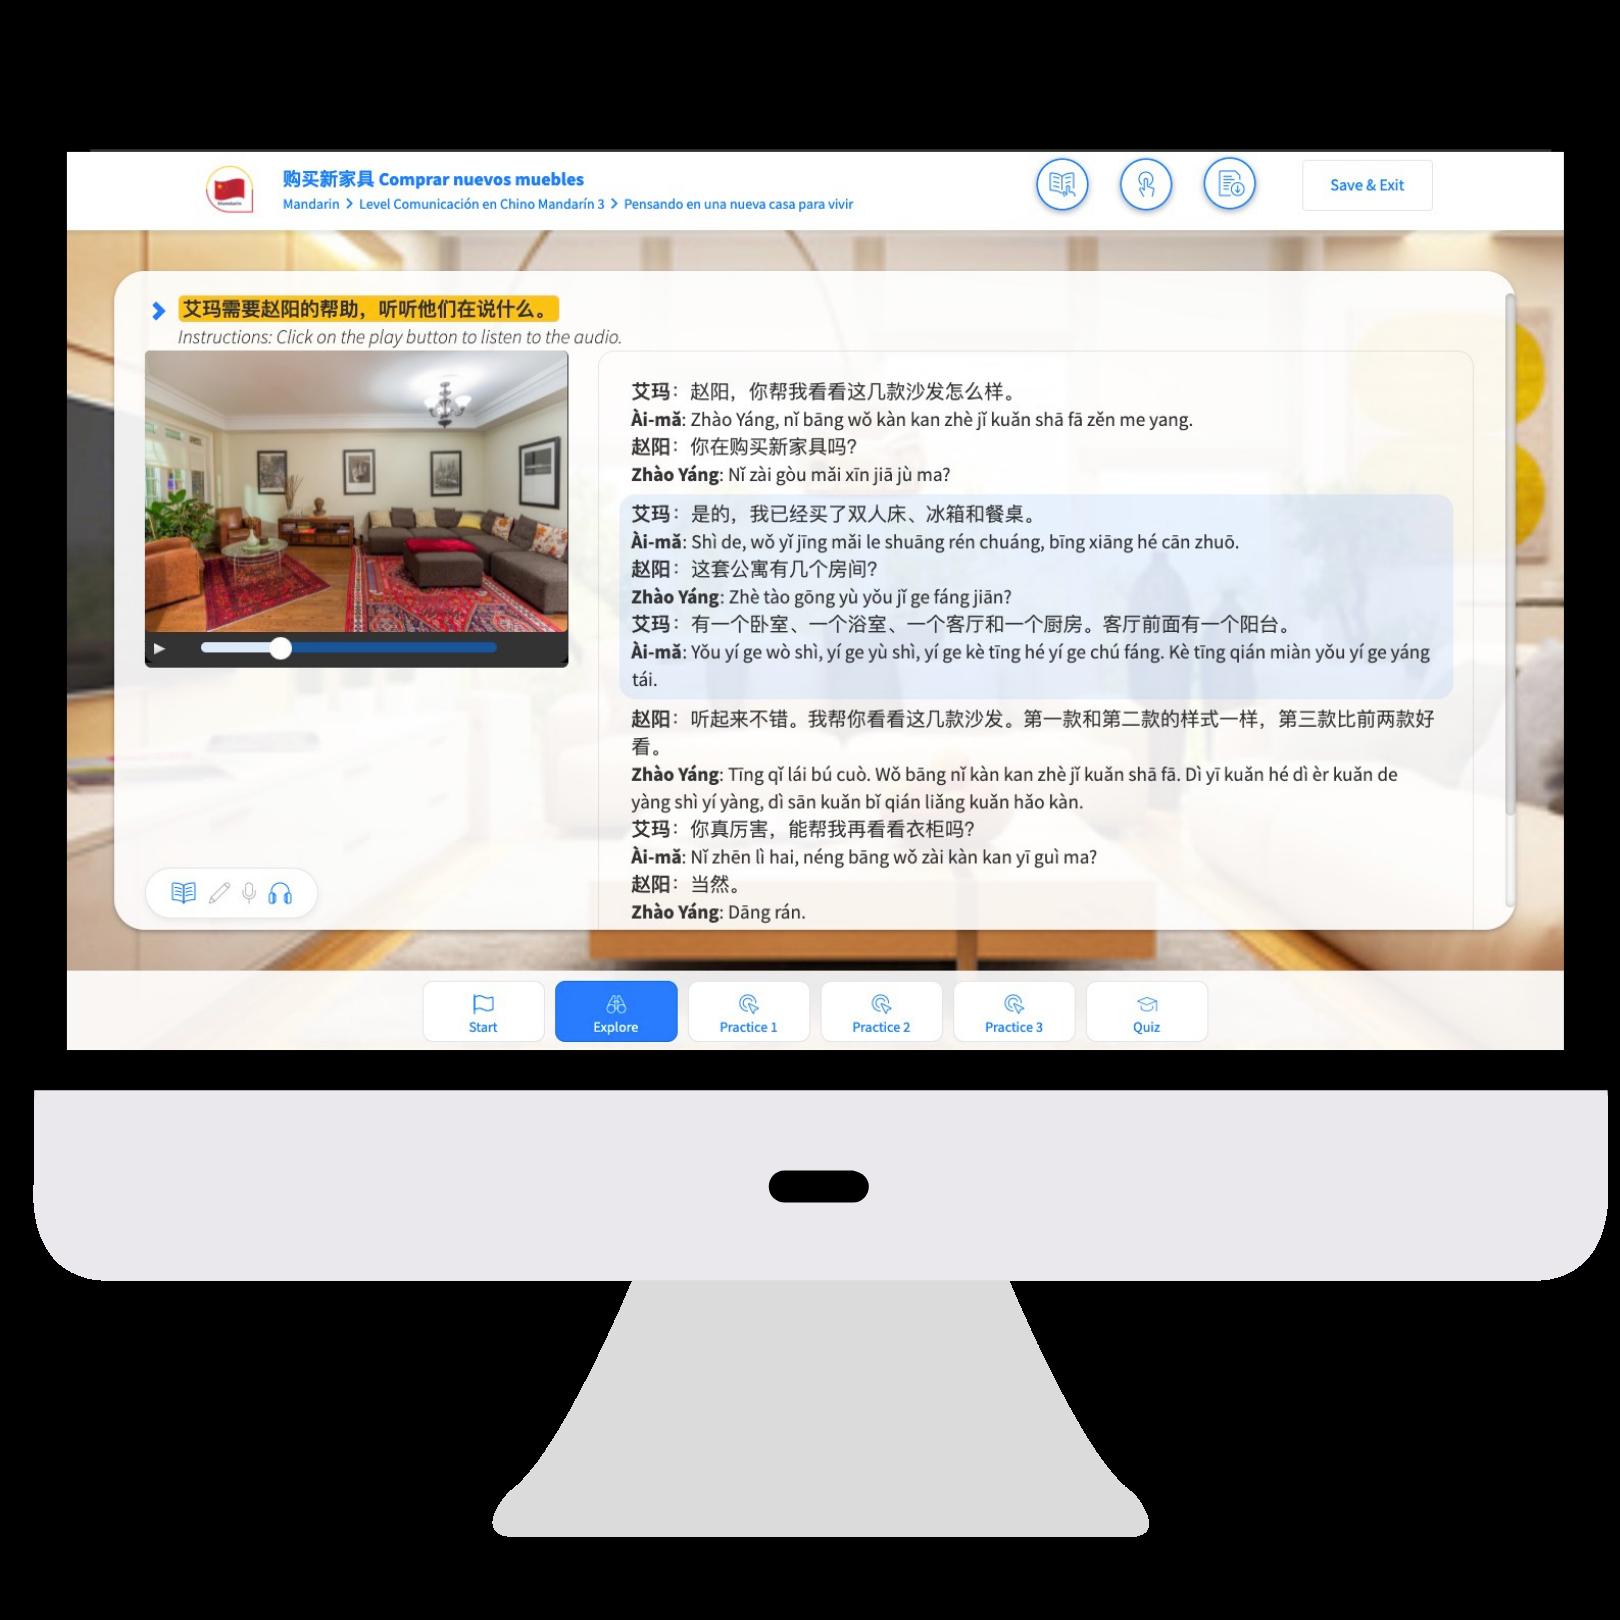 Mandarin course on a screen